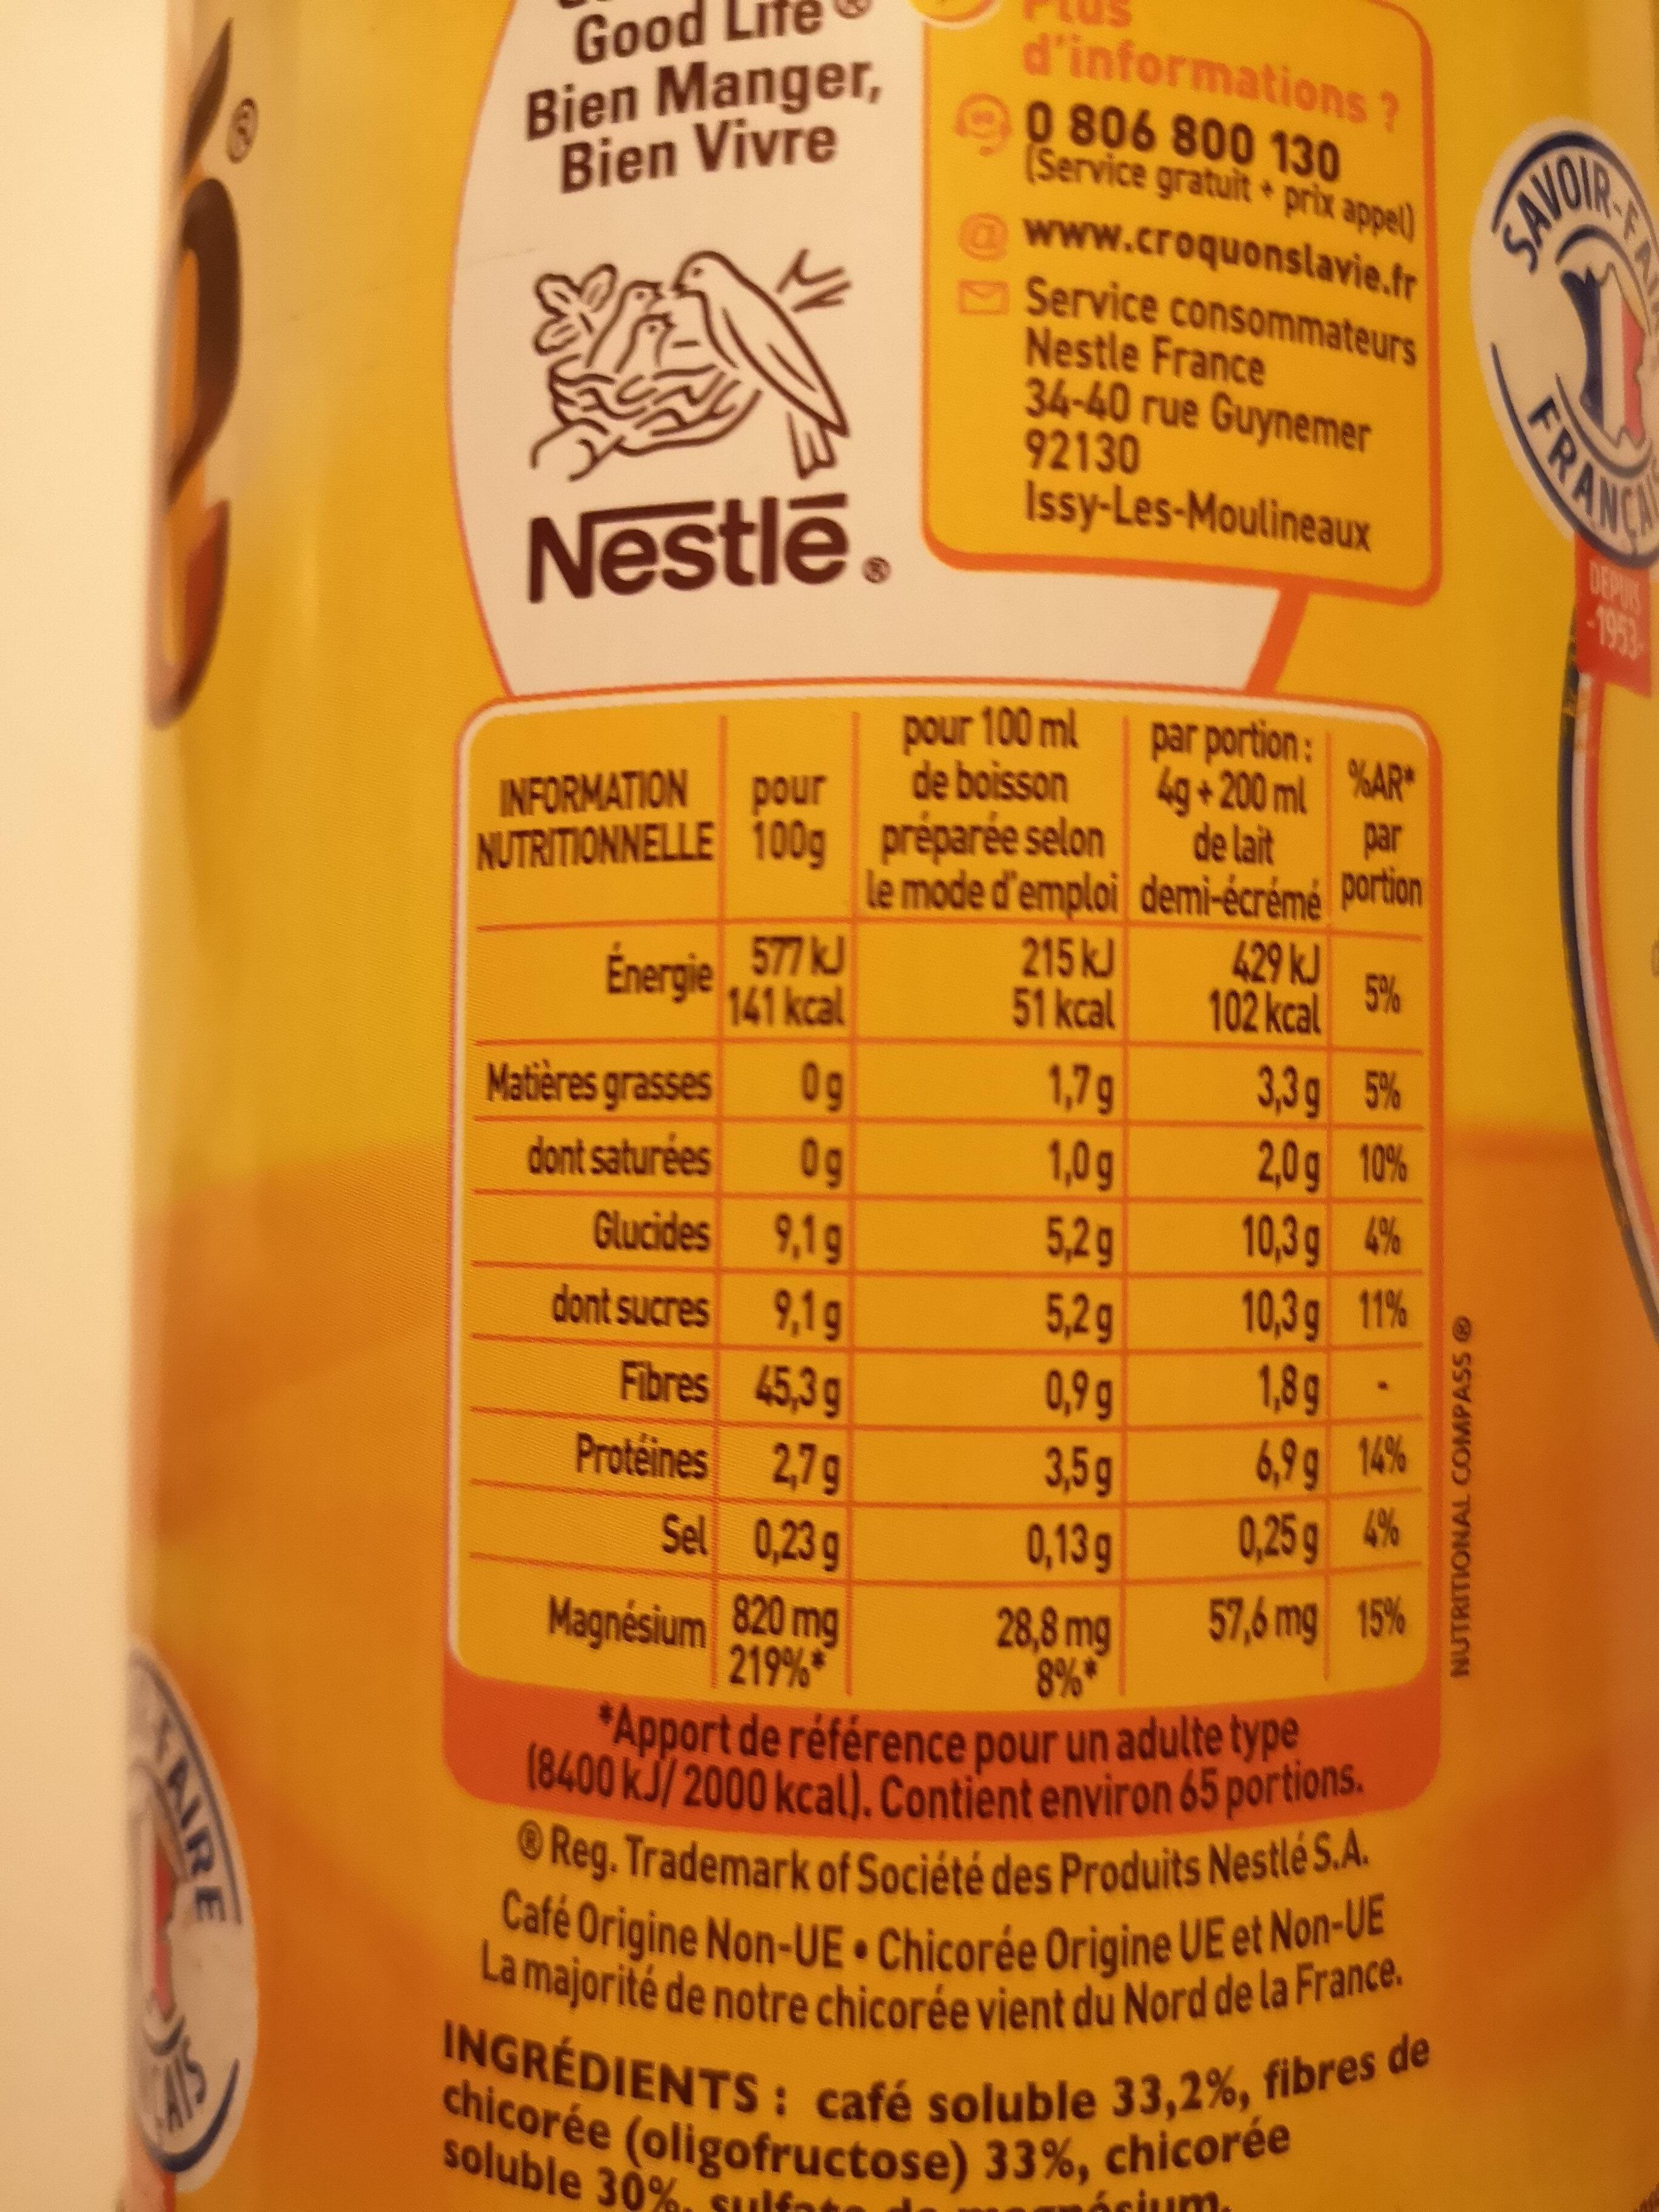 RICORE Original boite 260g - Información nutricional - fr